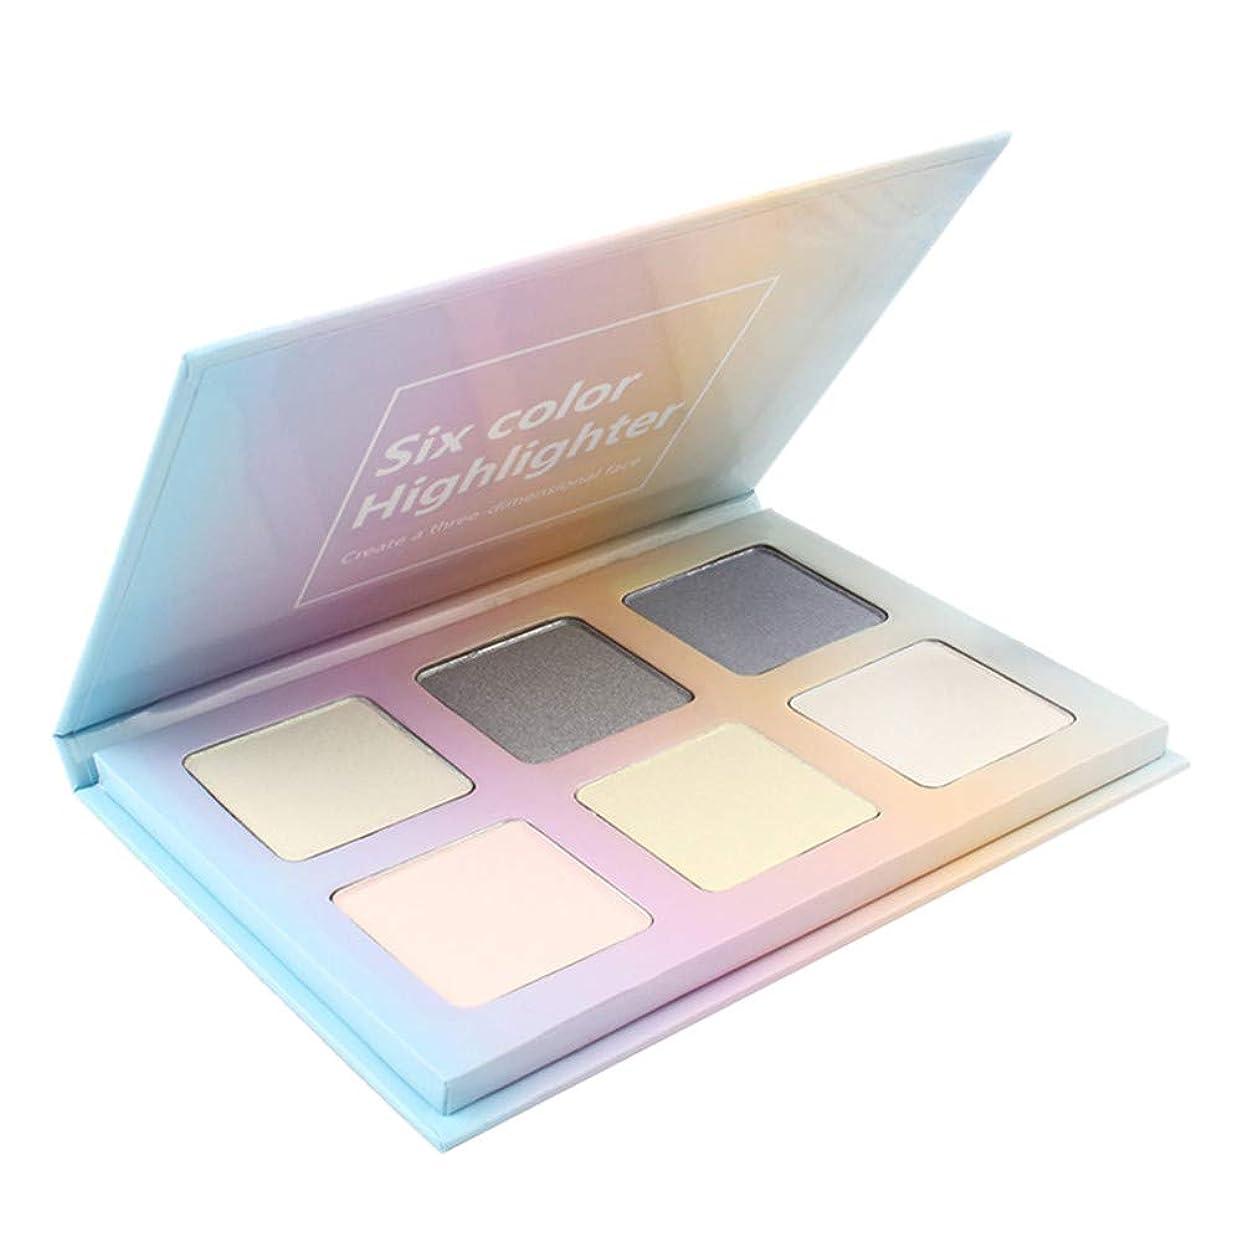 コントラストノベルティ推定する化粧品蛍光ペンアイシャドウクリームメイクアップパレットパウダーセットブラシセット